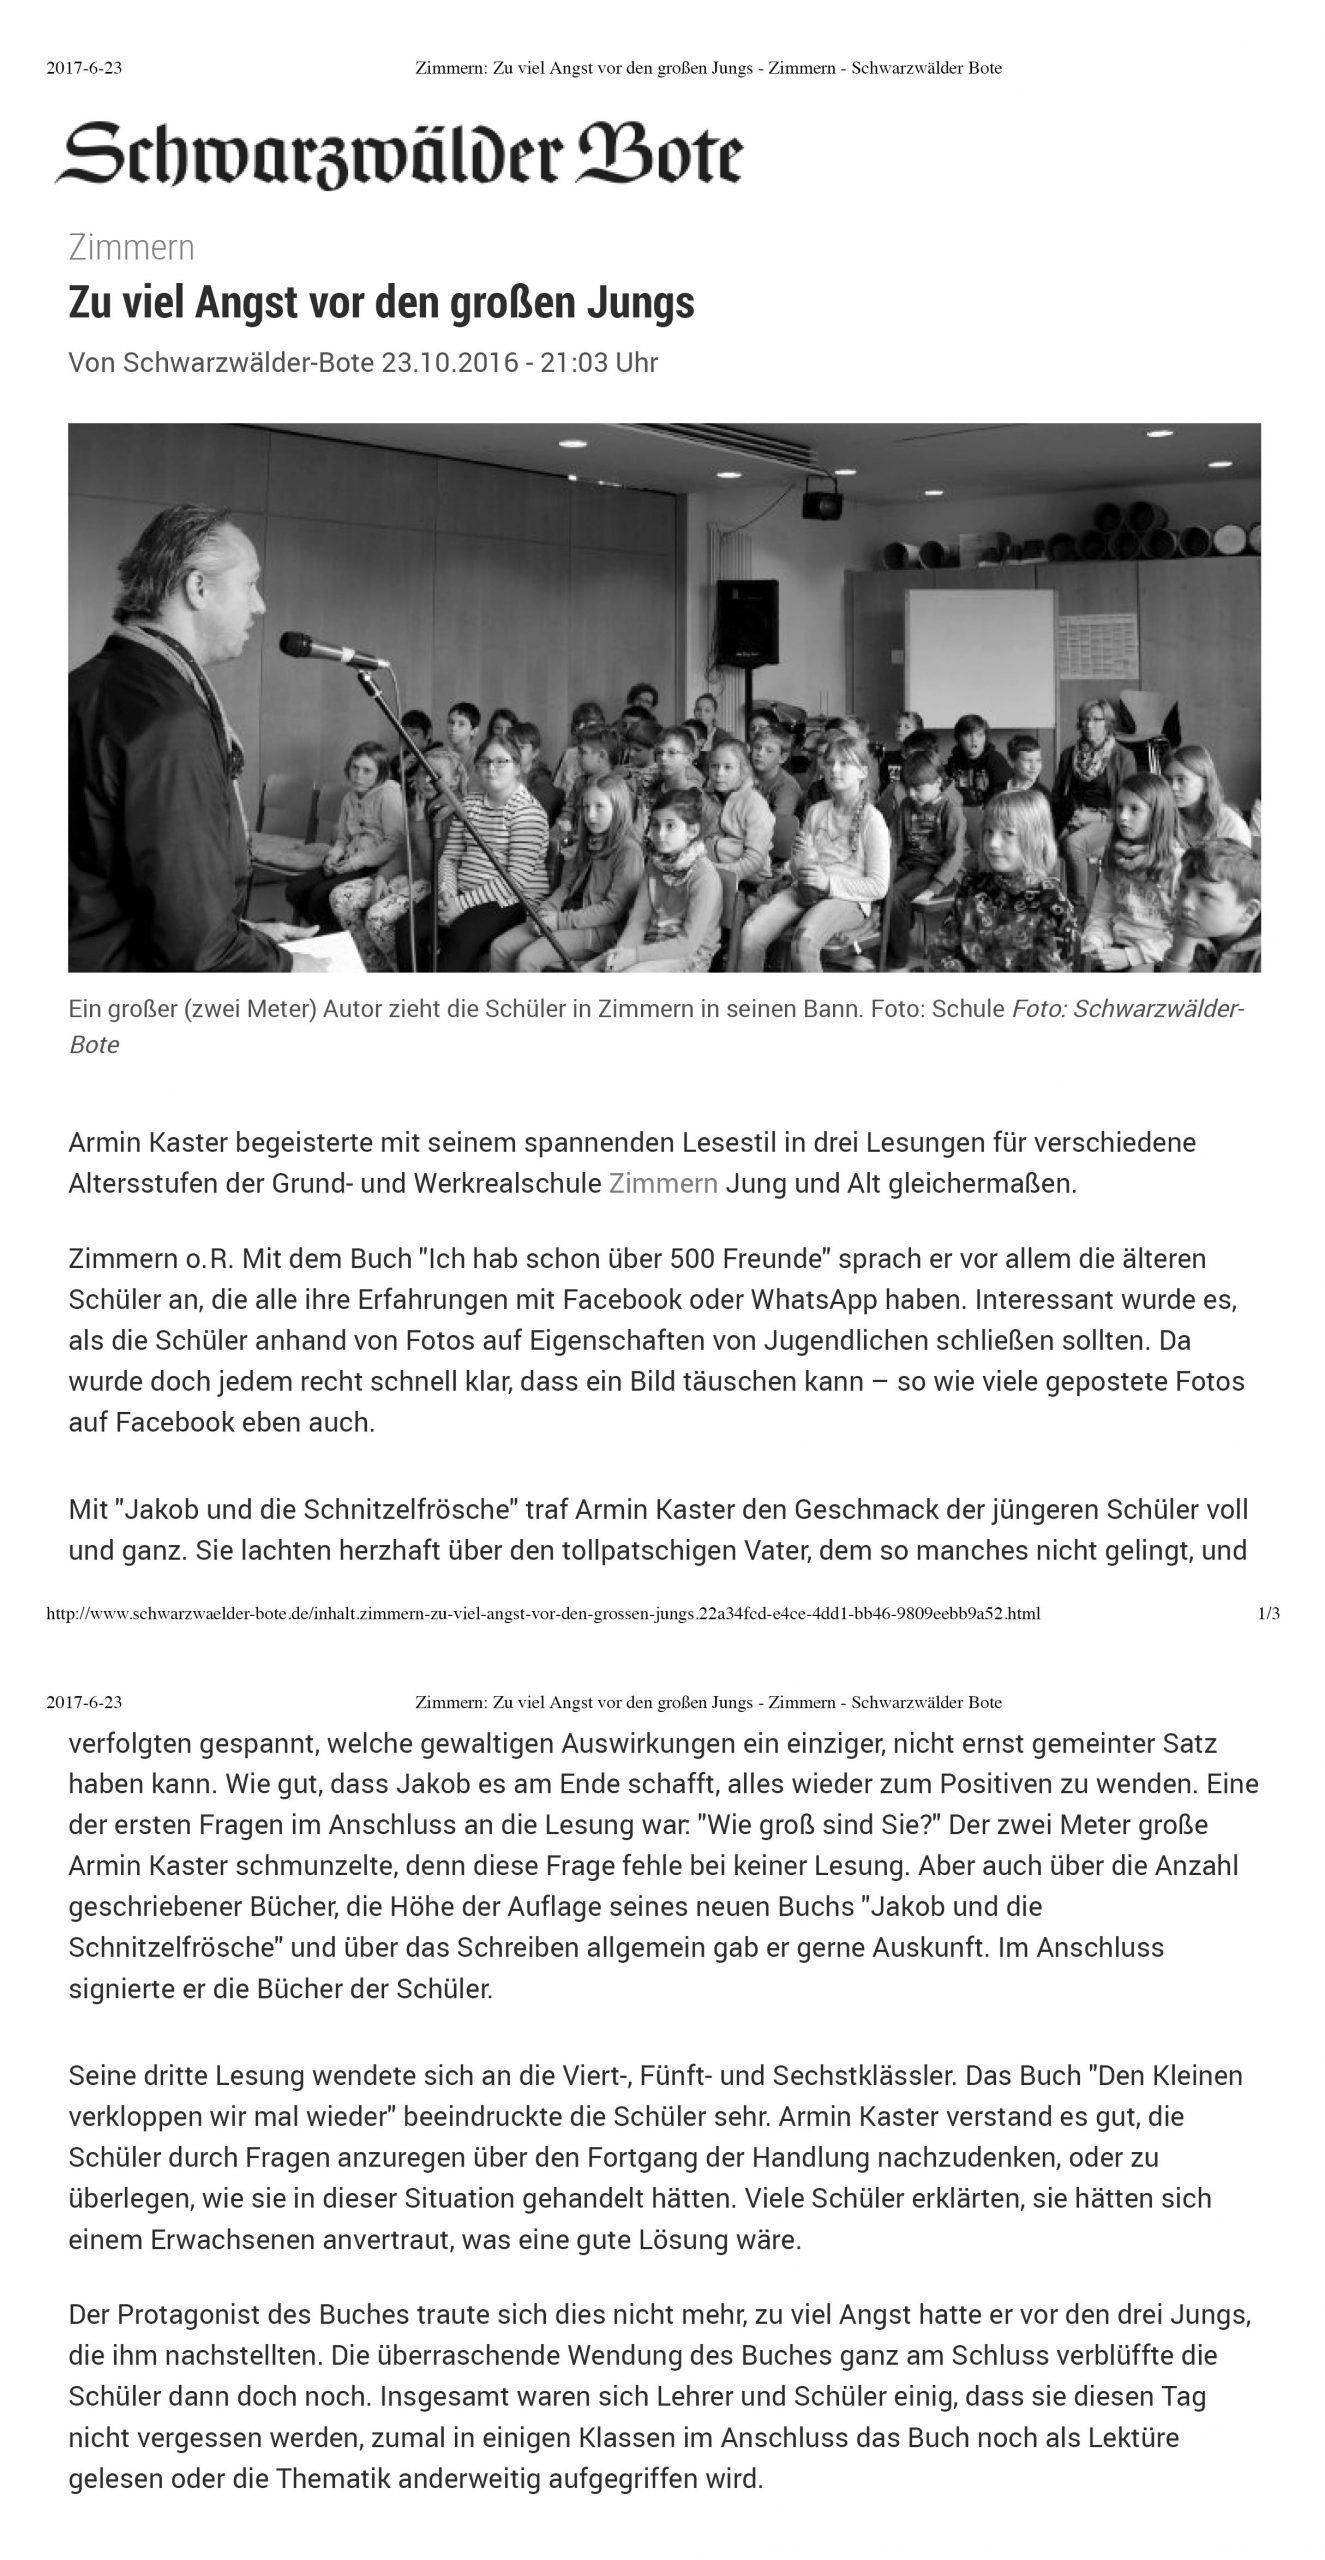 7. 23.10.2016 Zimmern_ Zu viel Angst vor den großen Jungs - Zimmern - Schwarzwälder Bote